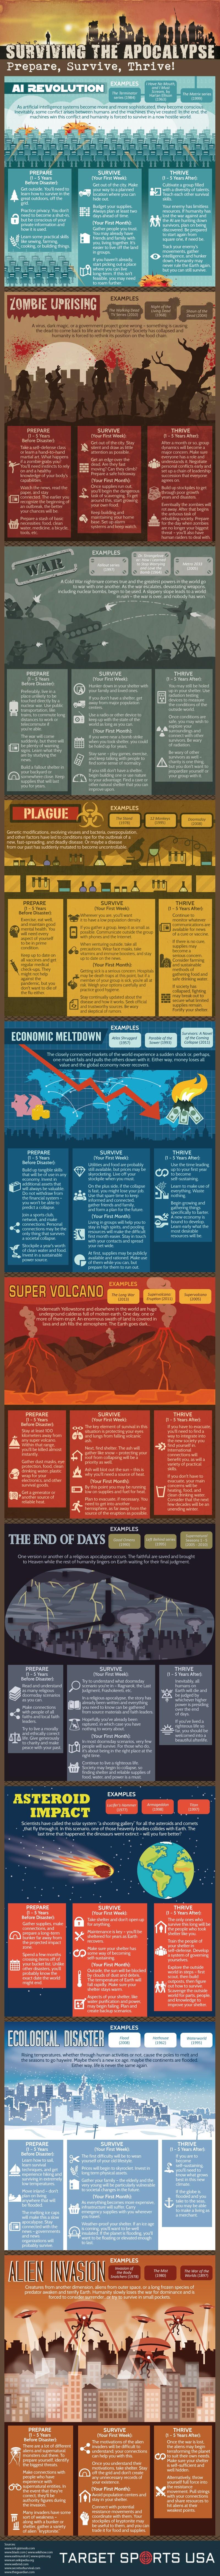 ¿Qué harías para sobrevivir al apocalipsis?